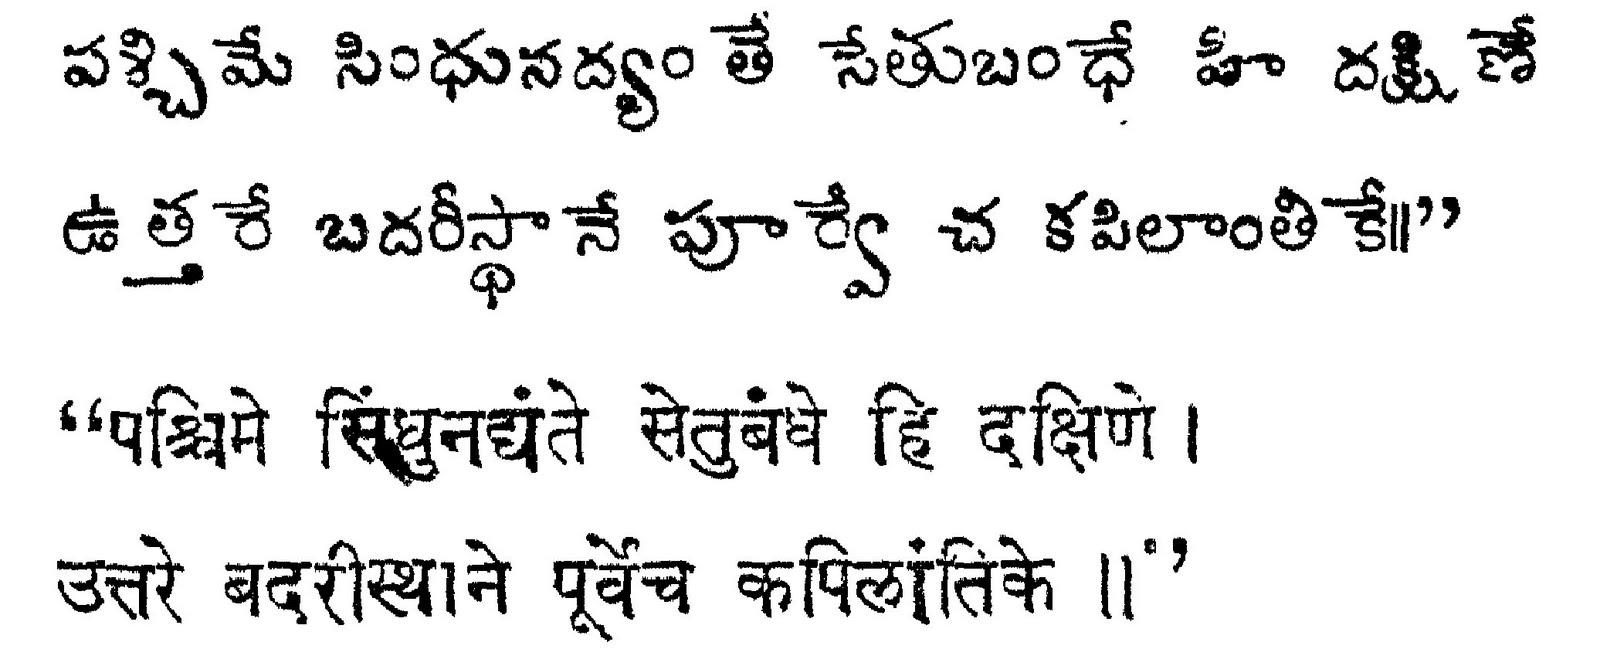 Vikramadiya's Empire in Bhavishya Purana.jpg